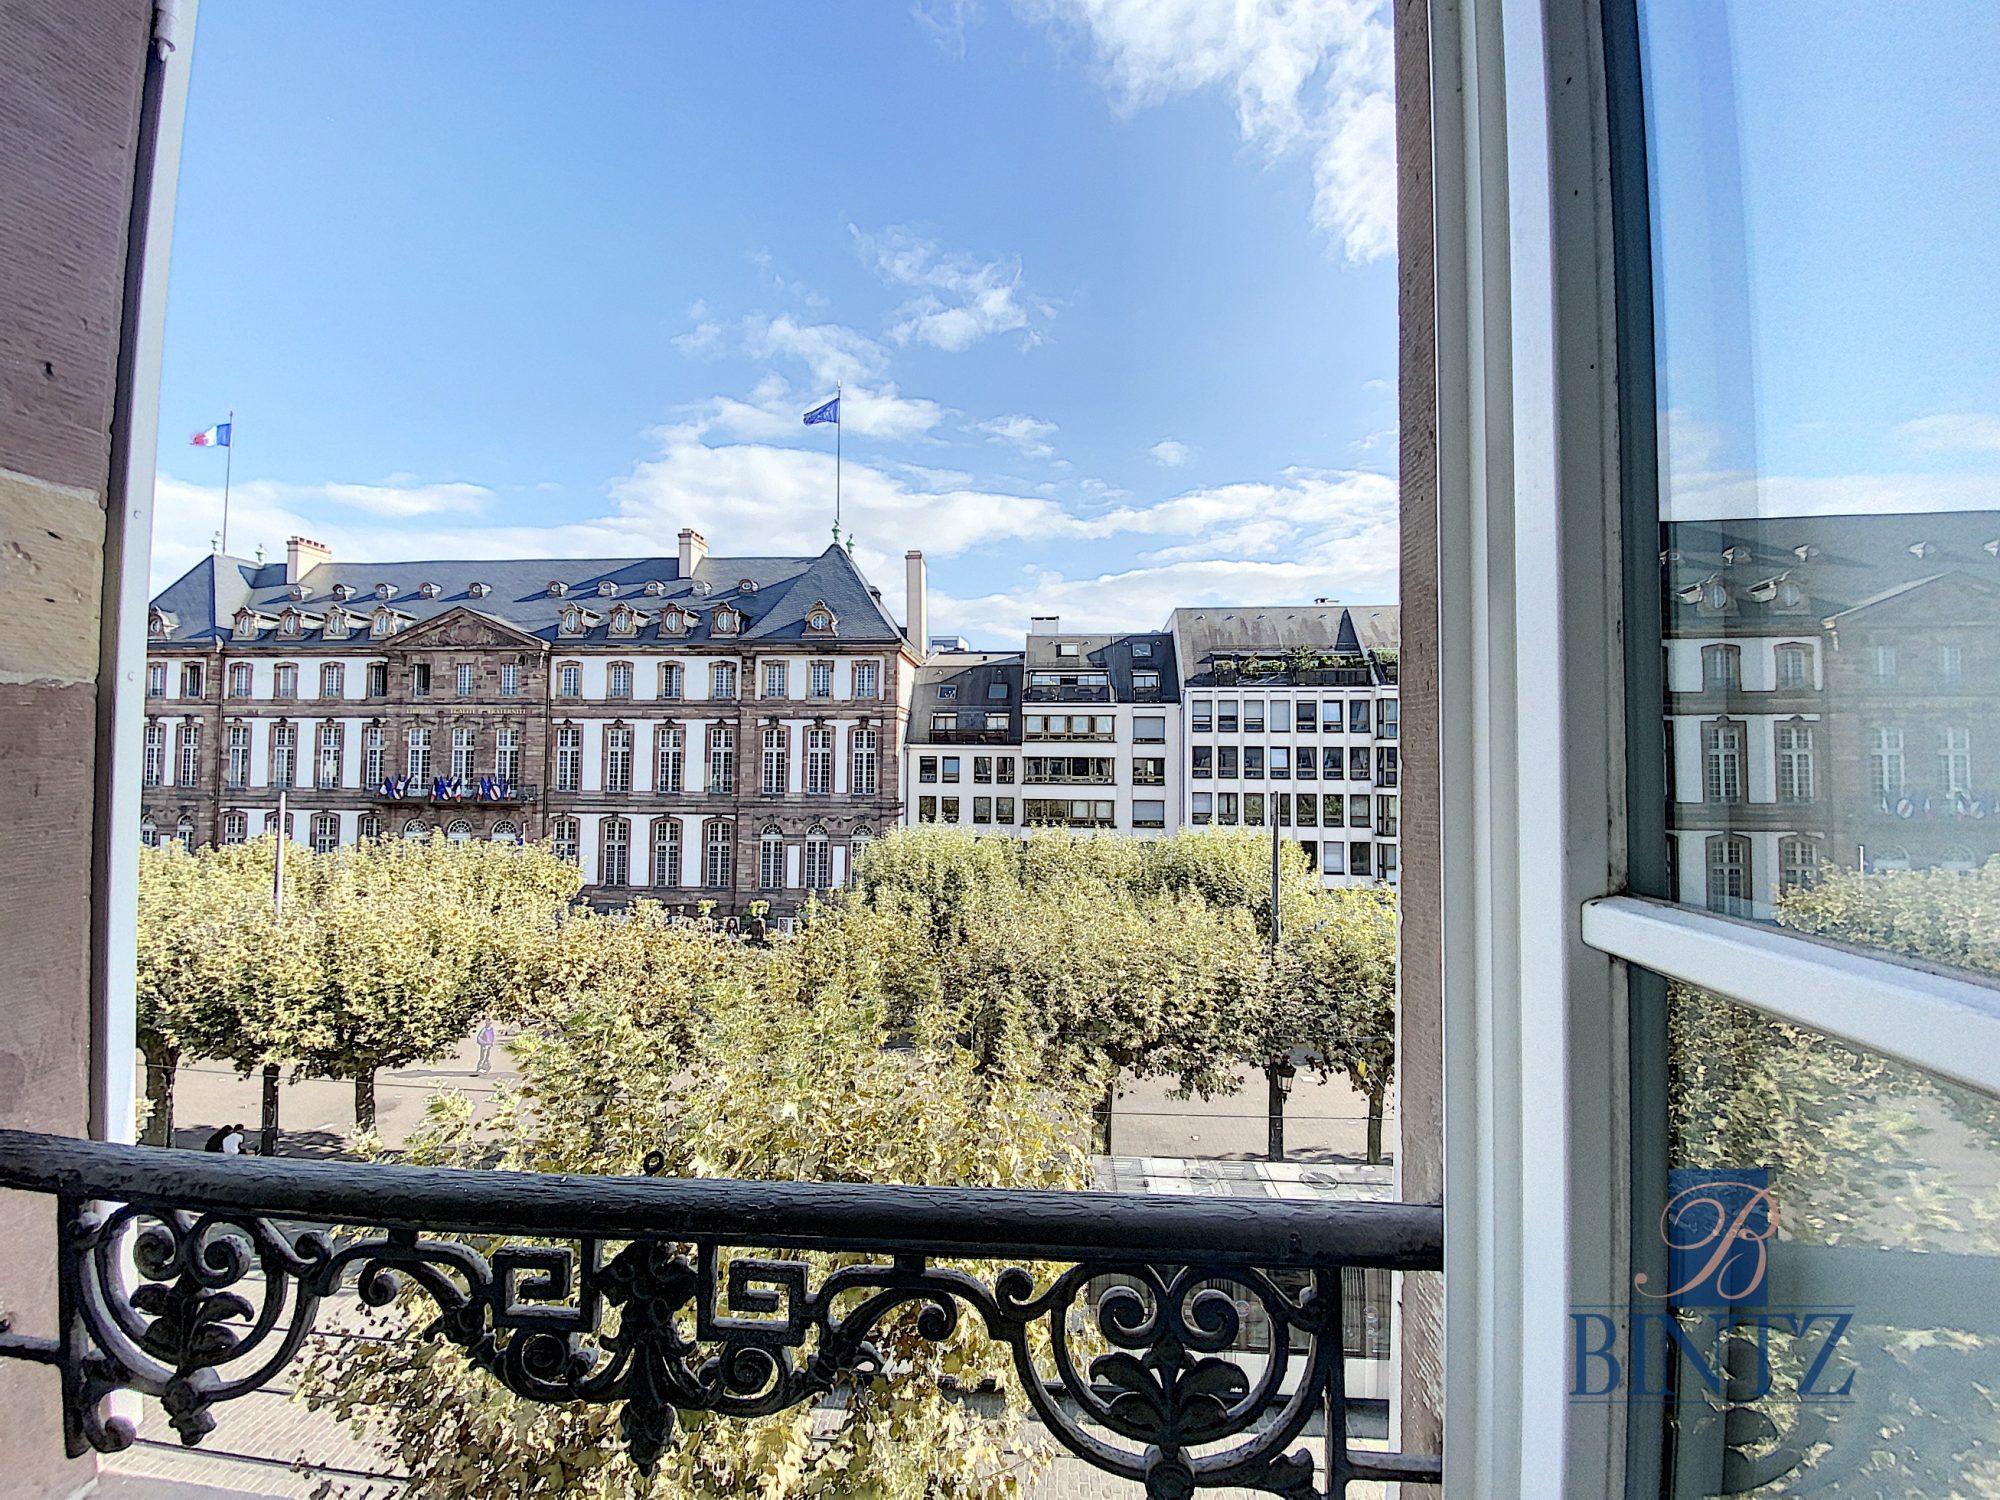 5 pièces d'exception face à la mairie - Devenez locataire en toute sérénité - Bintz Immobilier - 9